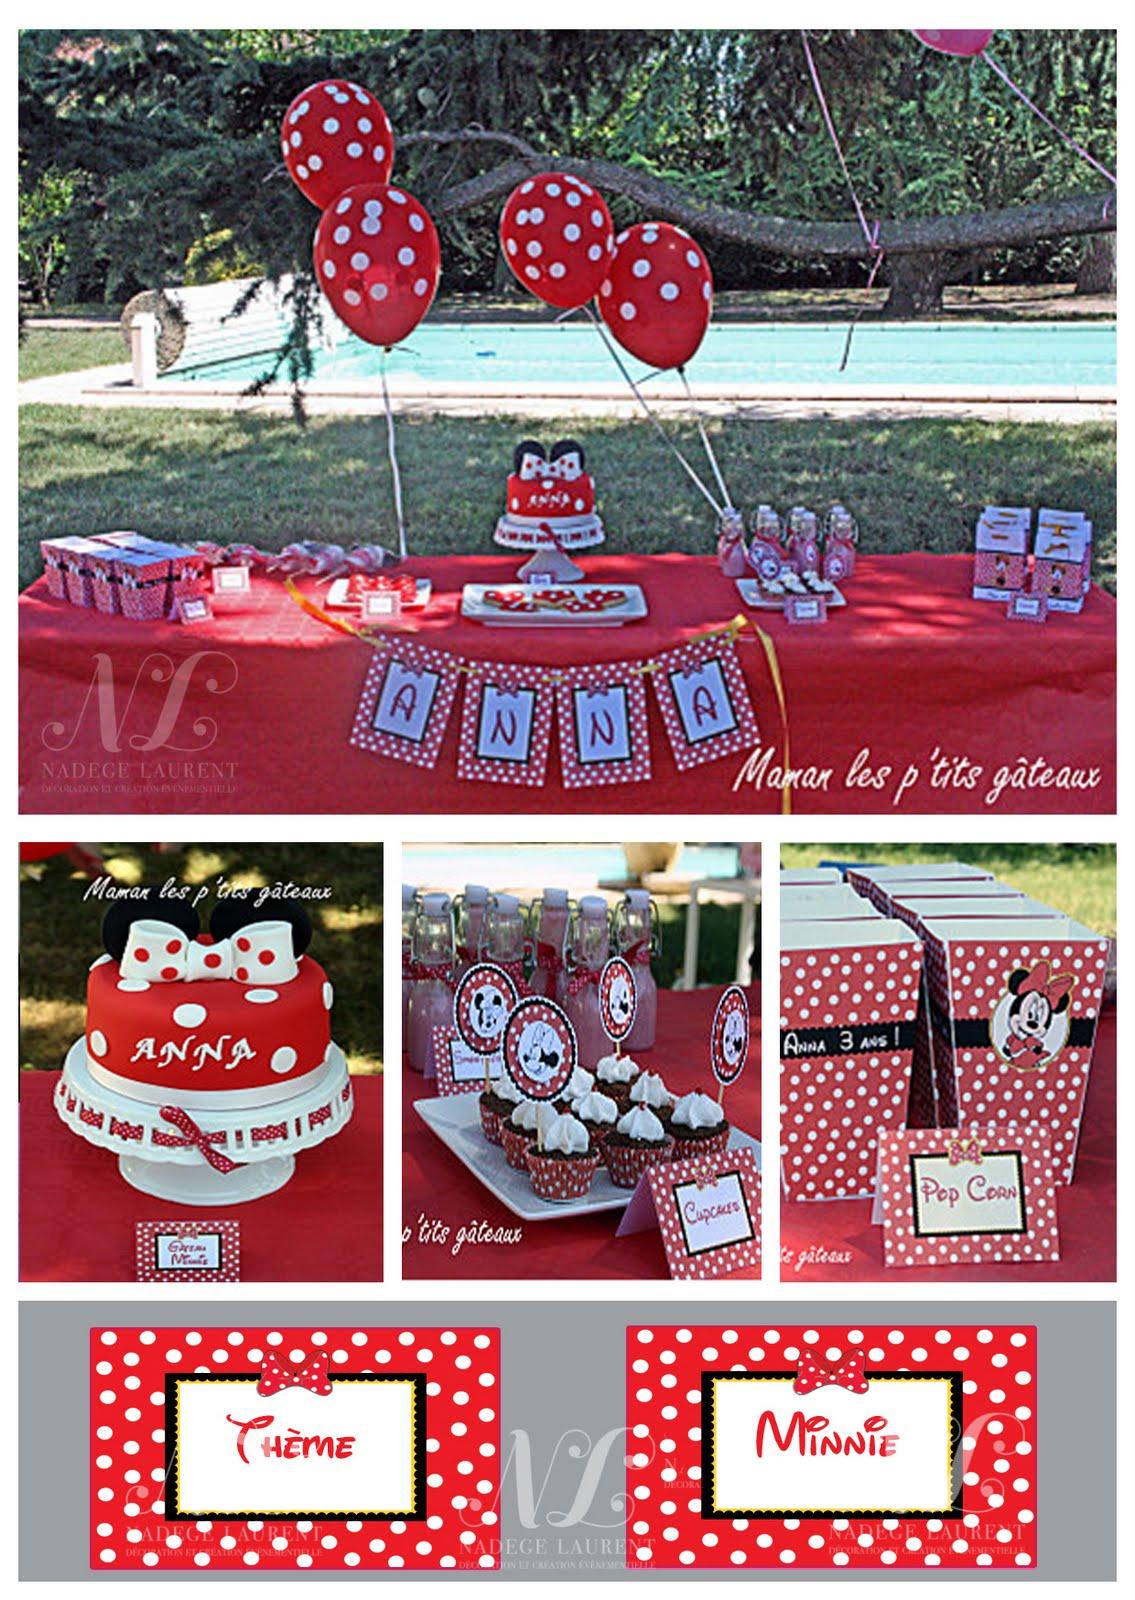 Plusieurs photos de gourmandises pour un anniversaire rouge et blanc thème Minnie